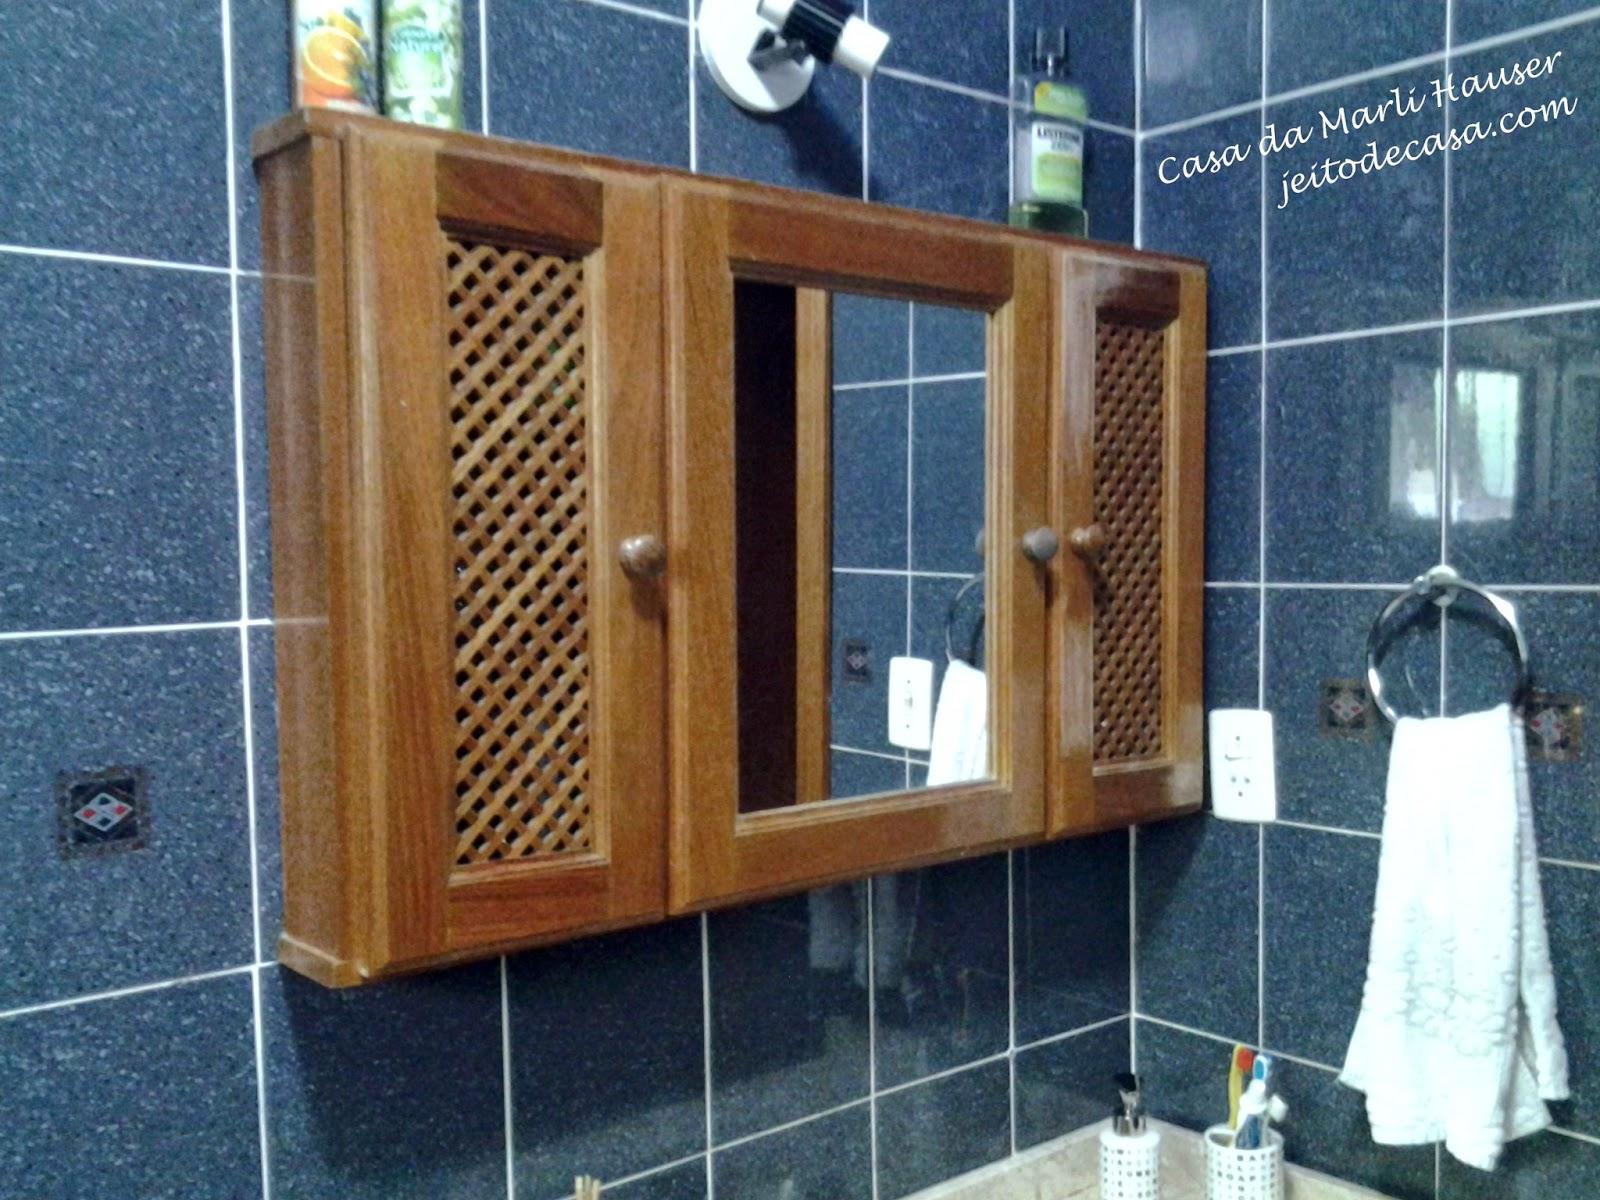 Pintura nos armários do banheiro antes e depois!! Jeito de Casa  #704526 1600x1200 Armario Banheiro Antigo